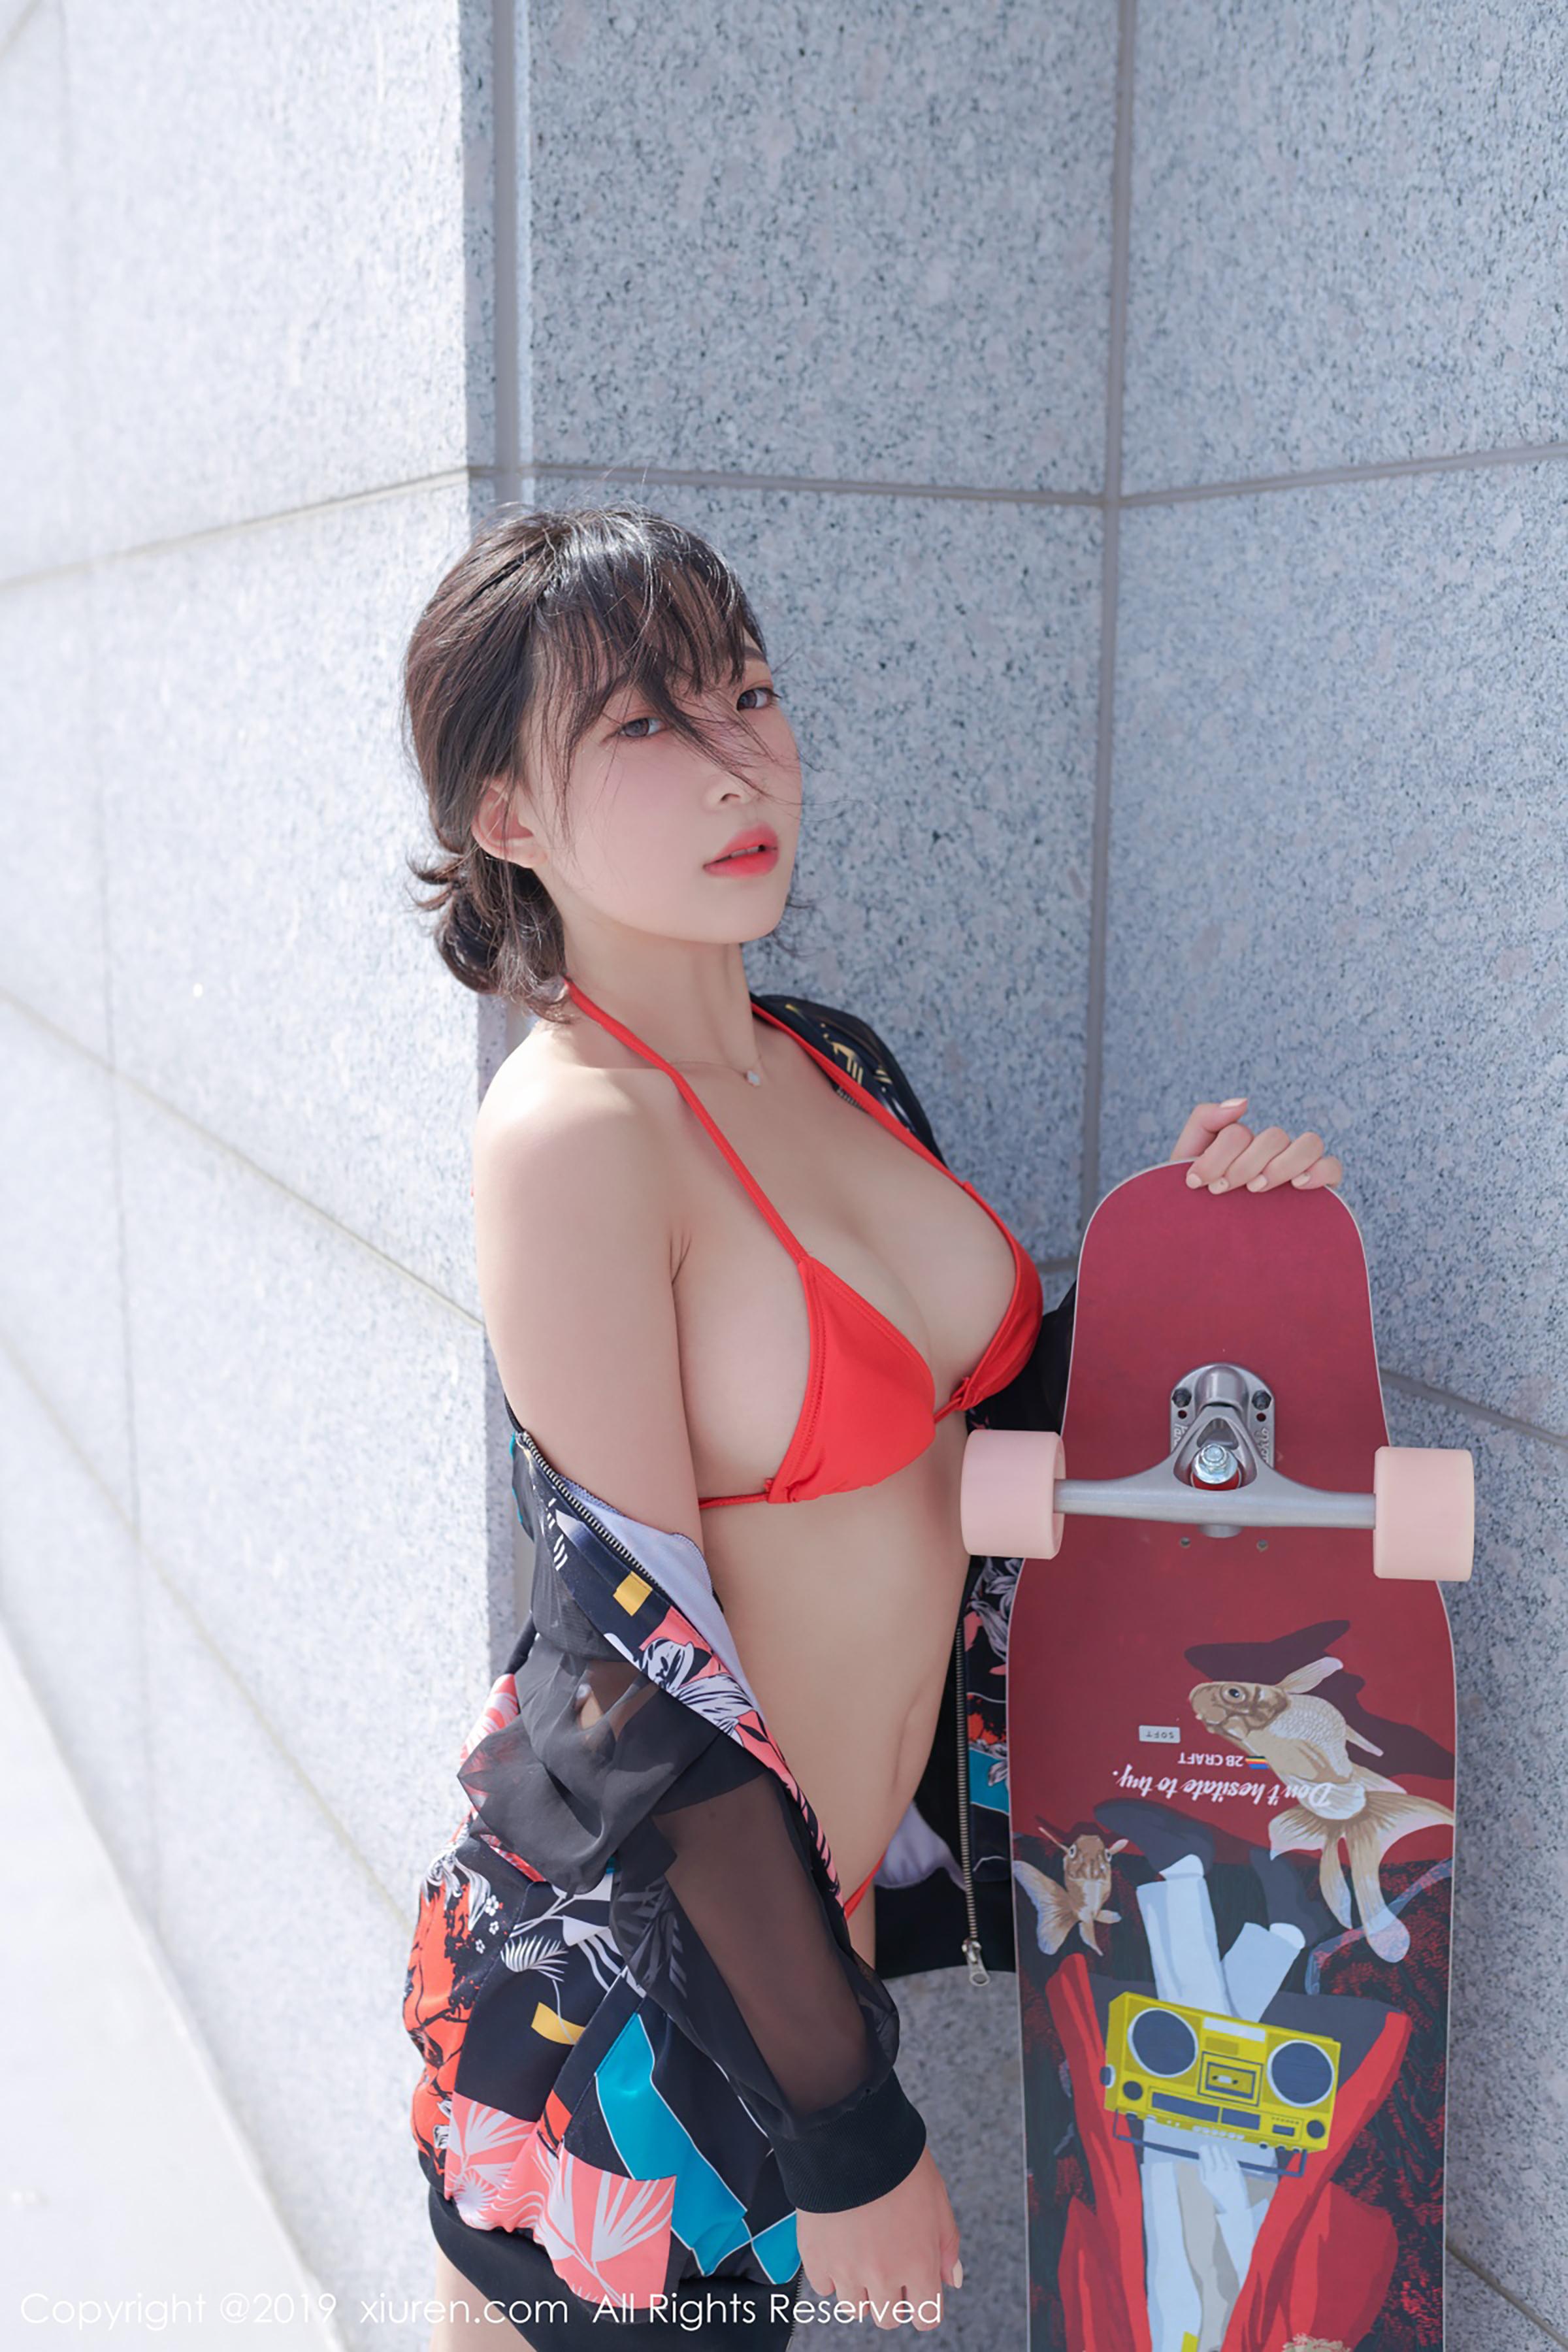 姜仁卿(inkyung97)写真12套原版合集+ins图